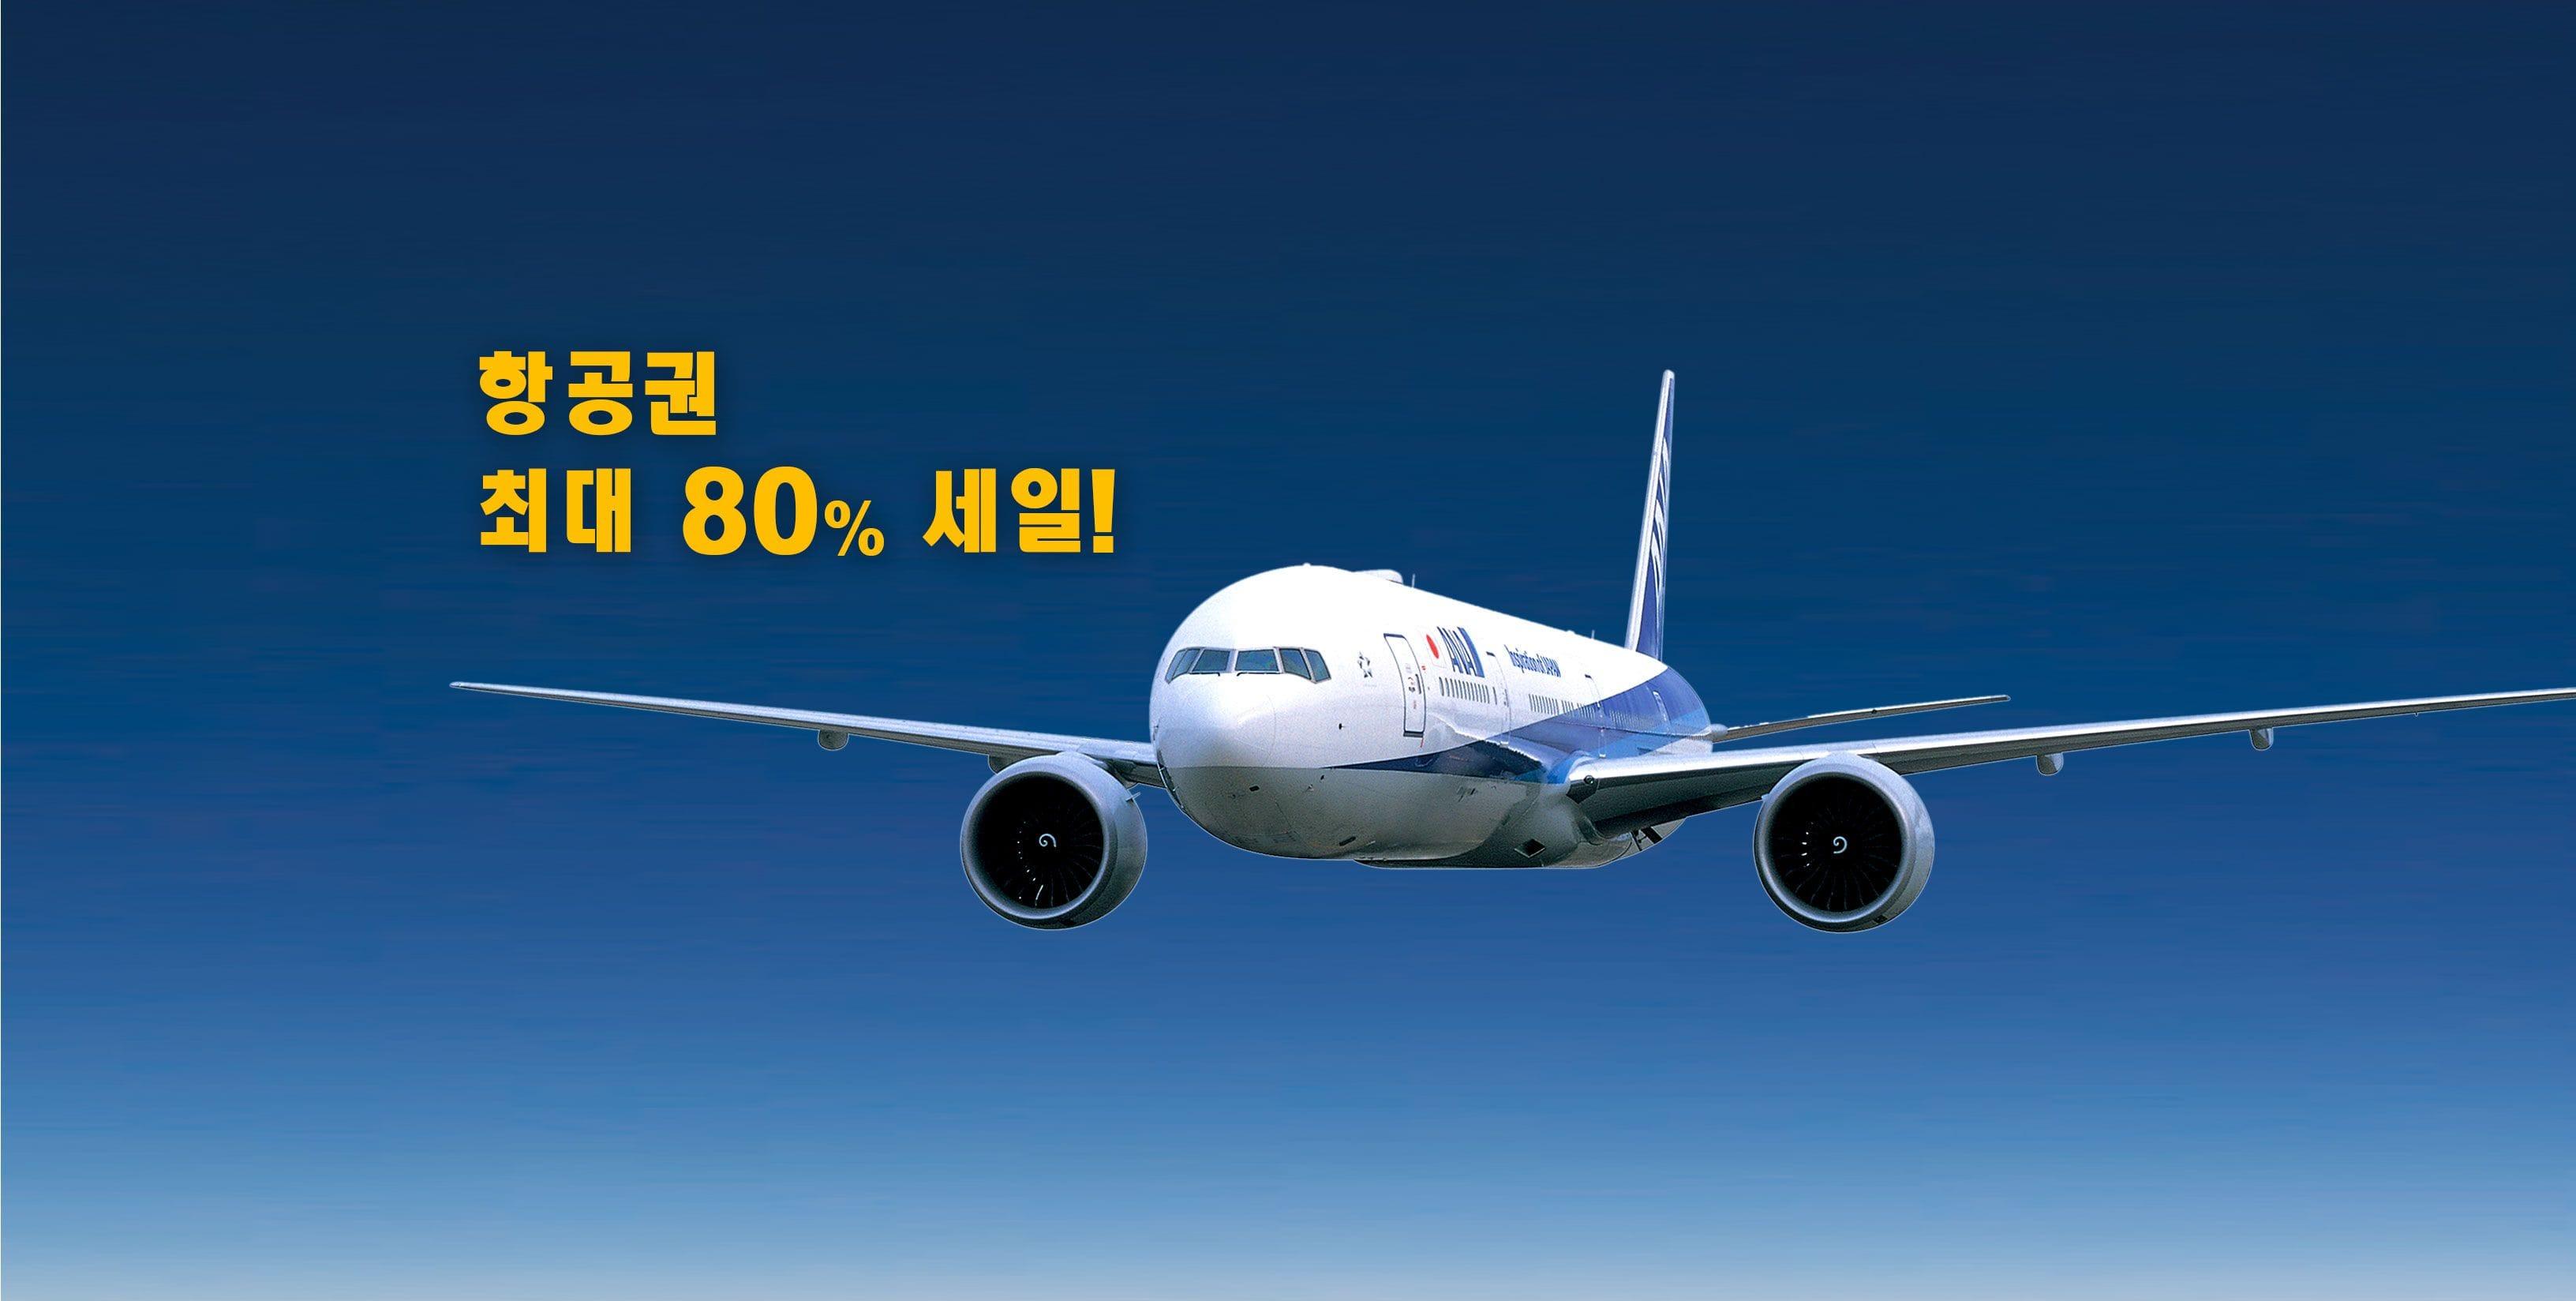 항공권 최대 80% 할인! 일본에서 국내선을 탄다면 ANA의 가쿠야스(格安)티켓이 이득이다!